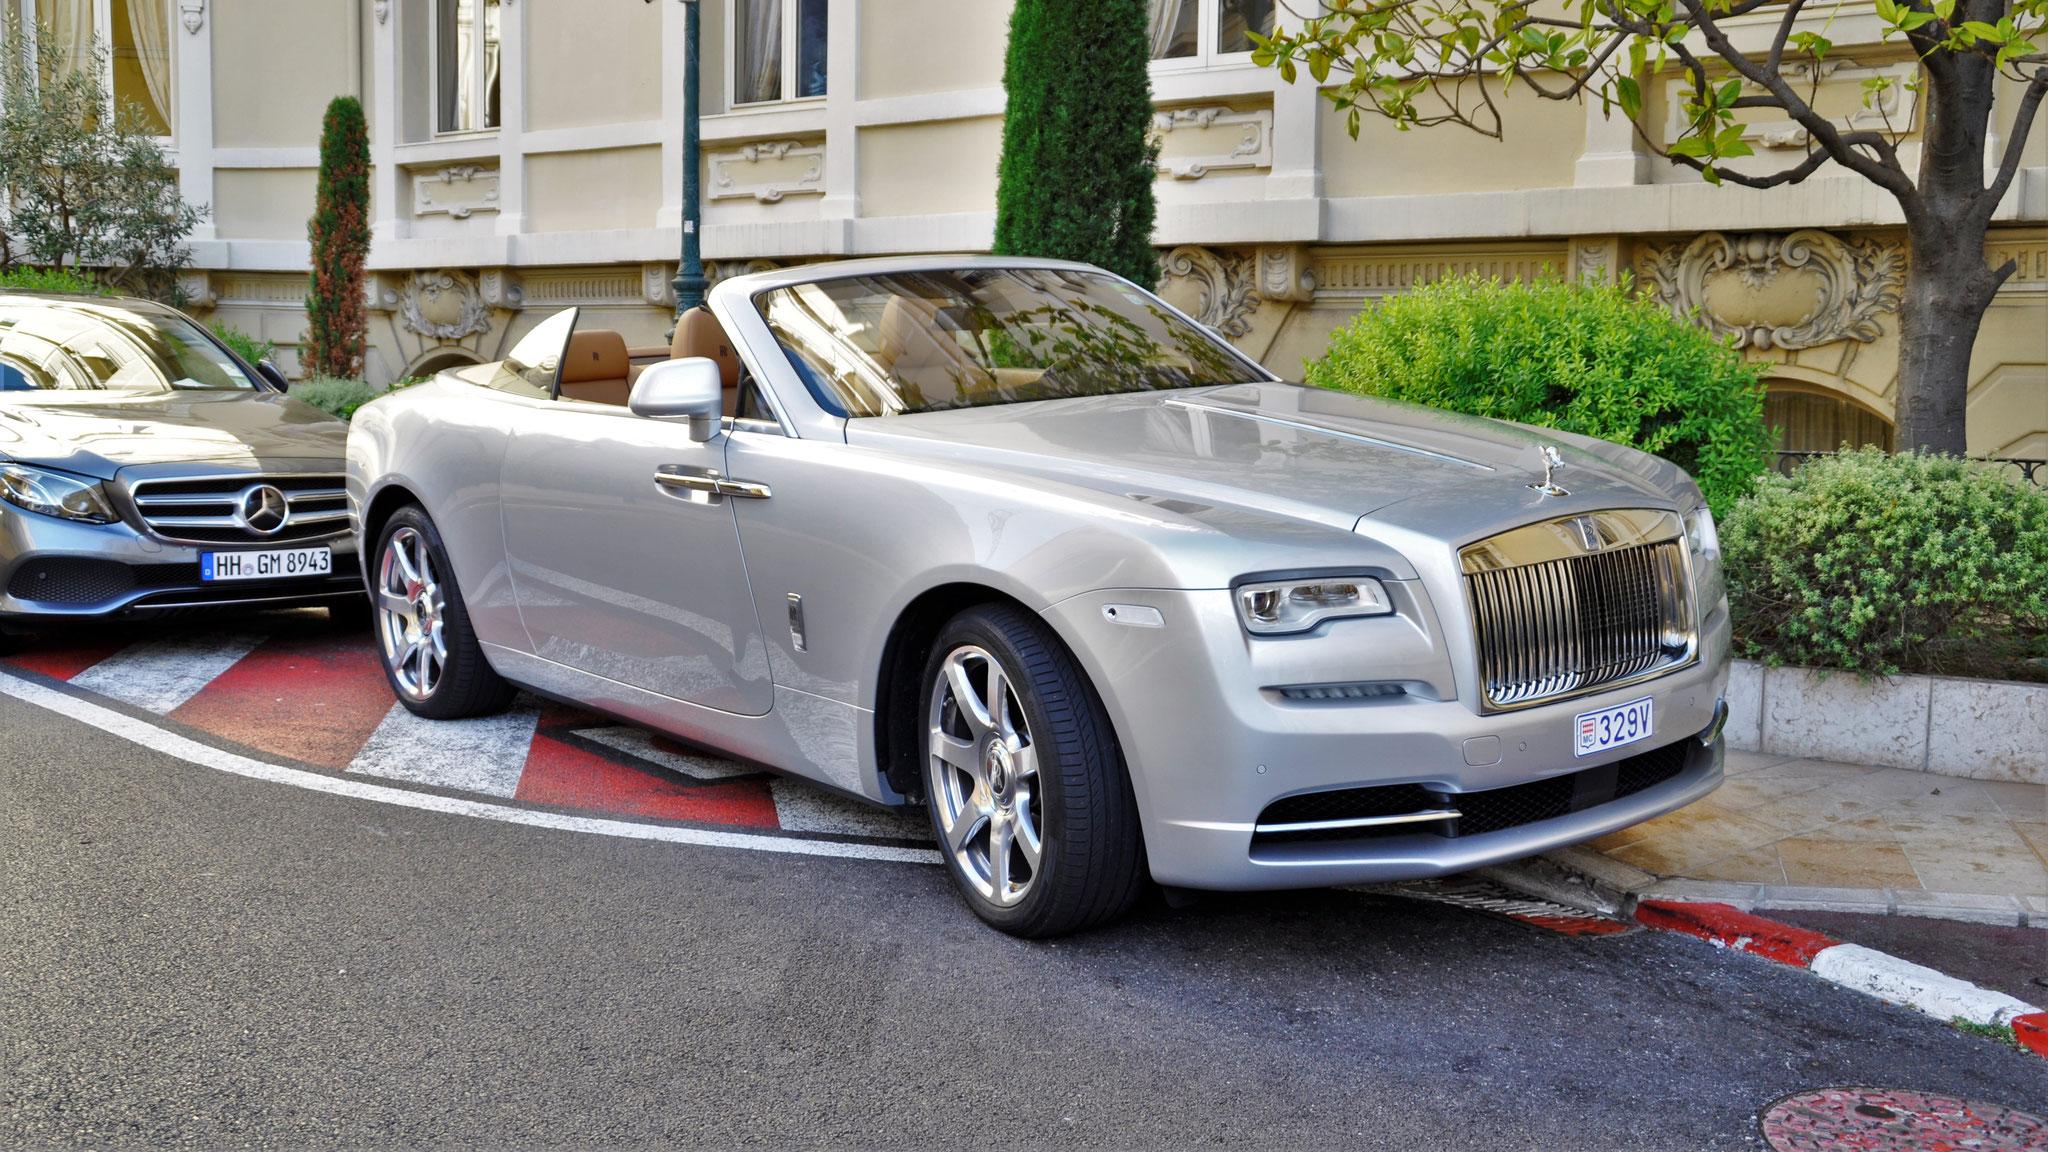 Rolls Royce Dawn - 329V (MC)